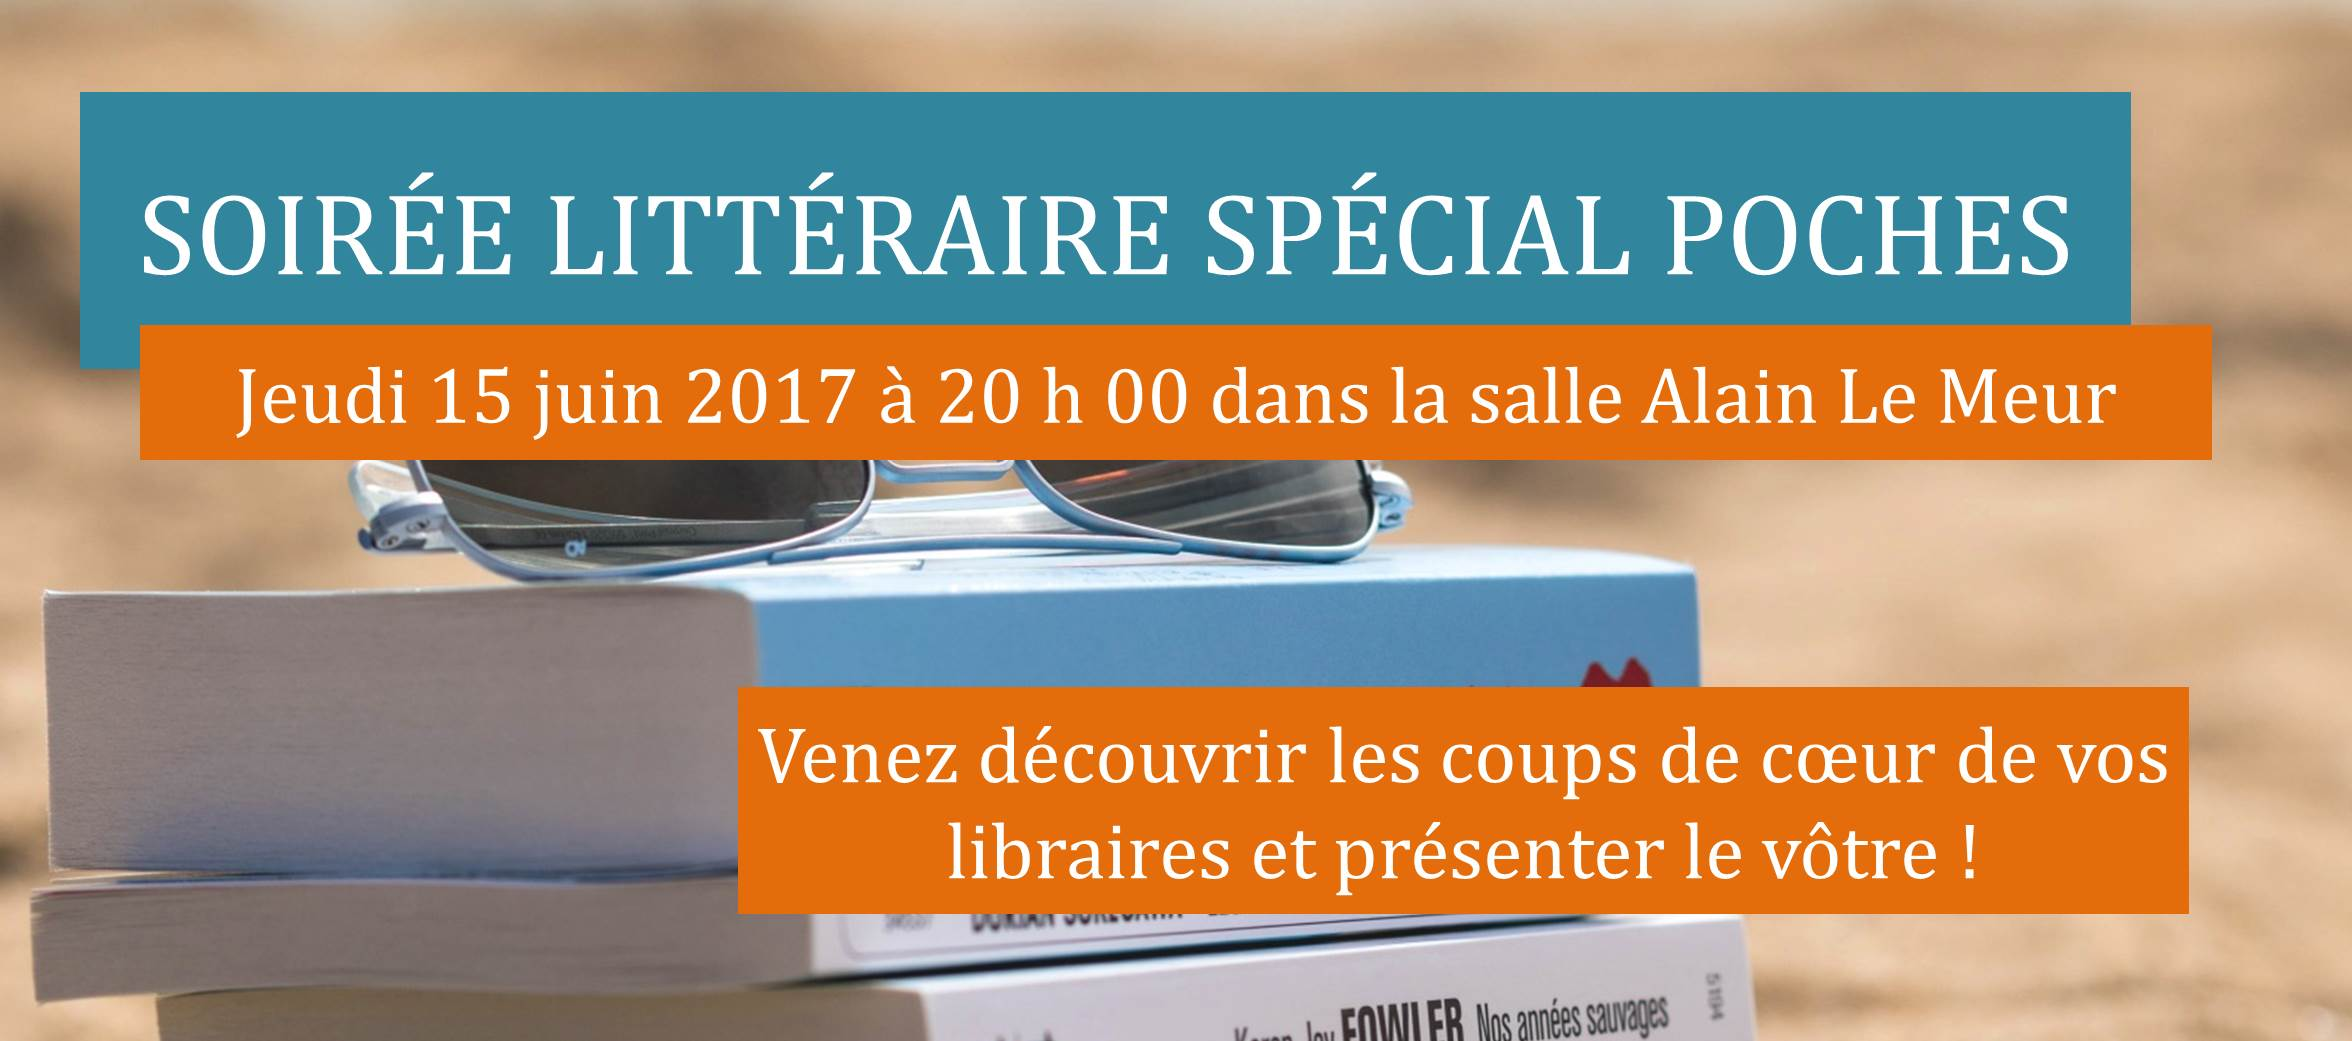 Bandeau+site+soir%c3%a9e+poche+2017